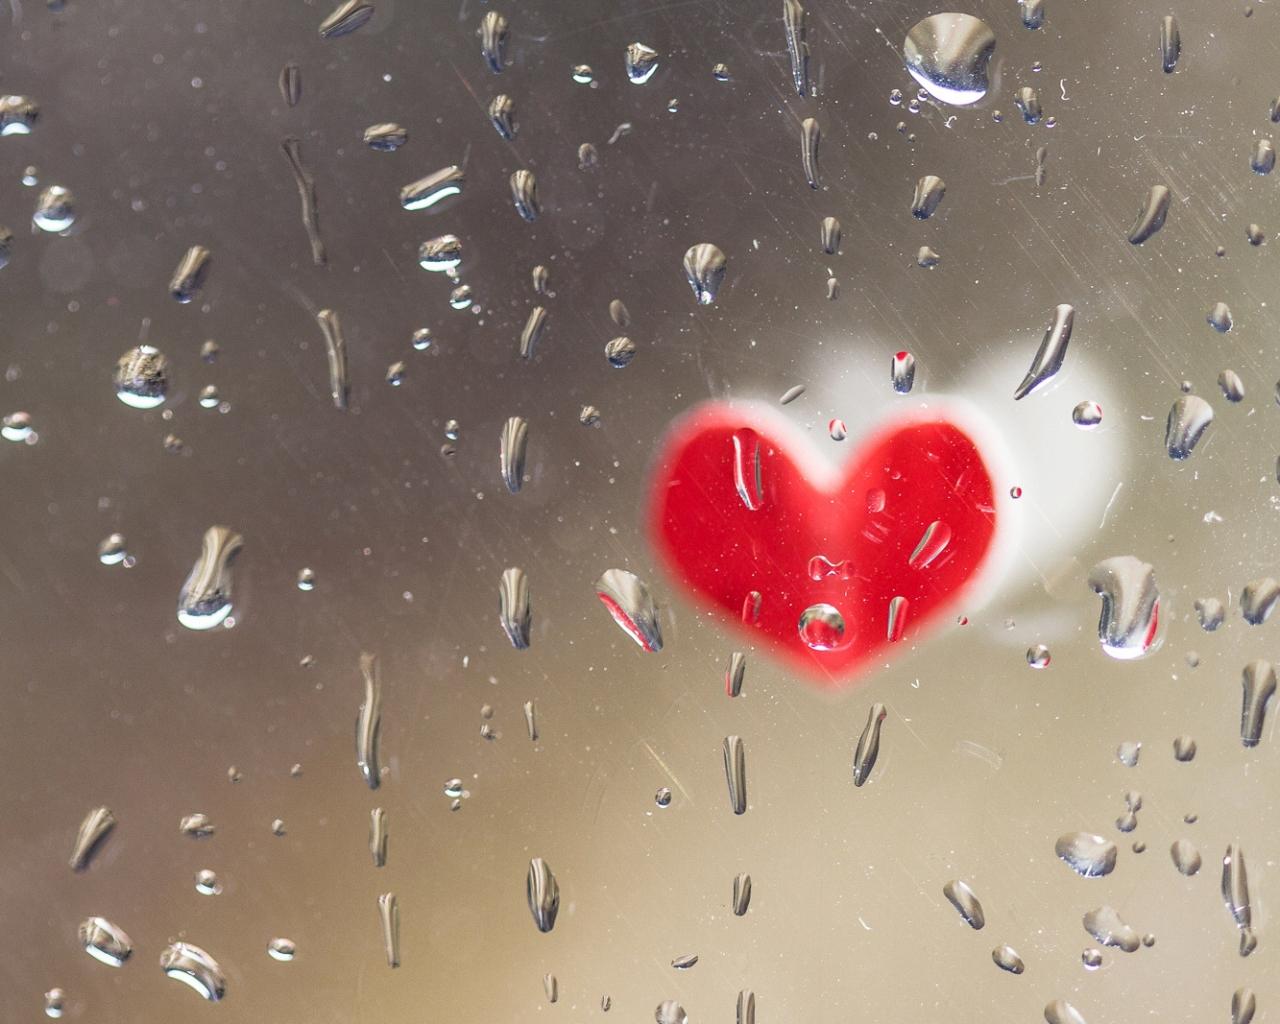 Corazones de San Valentín - 1280x1024